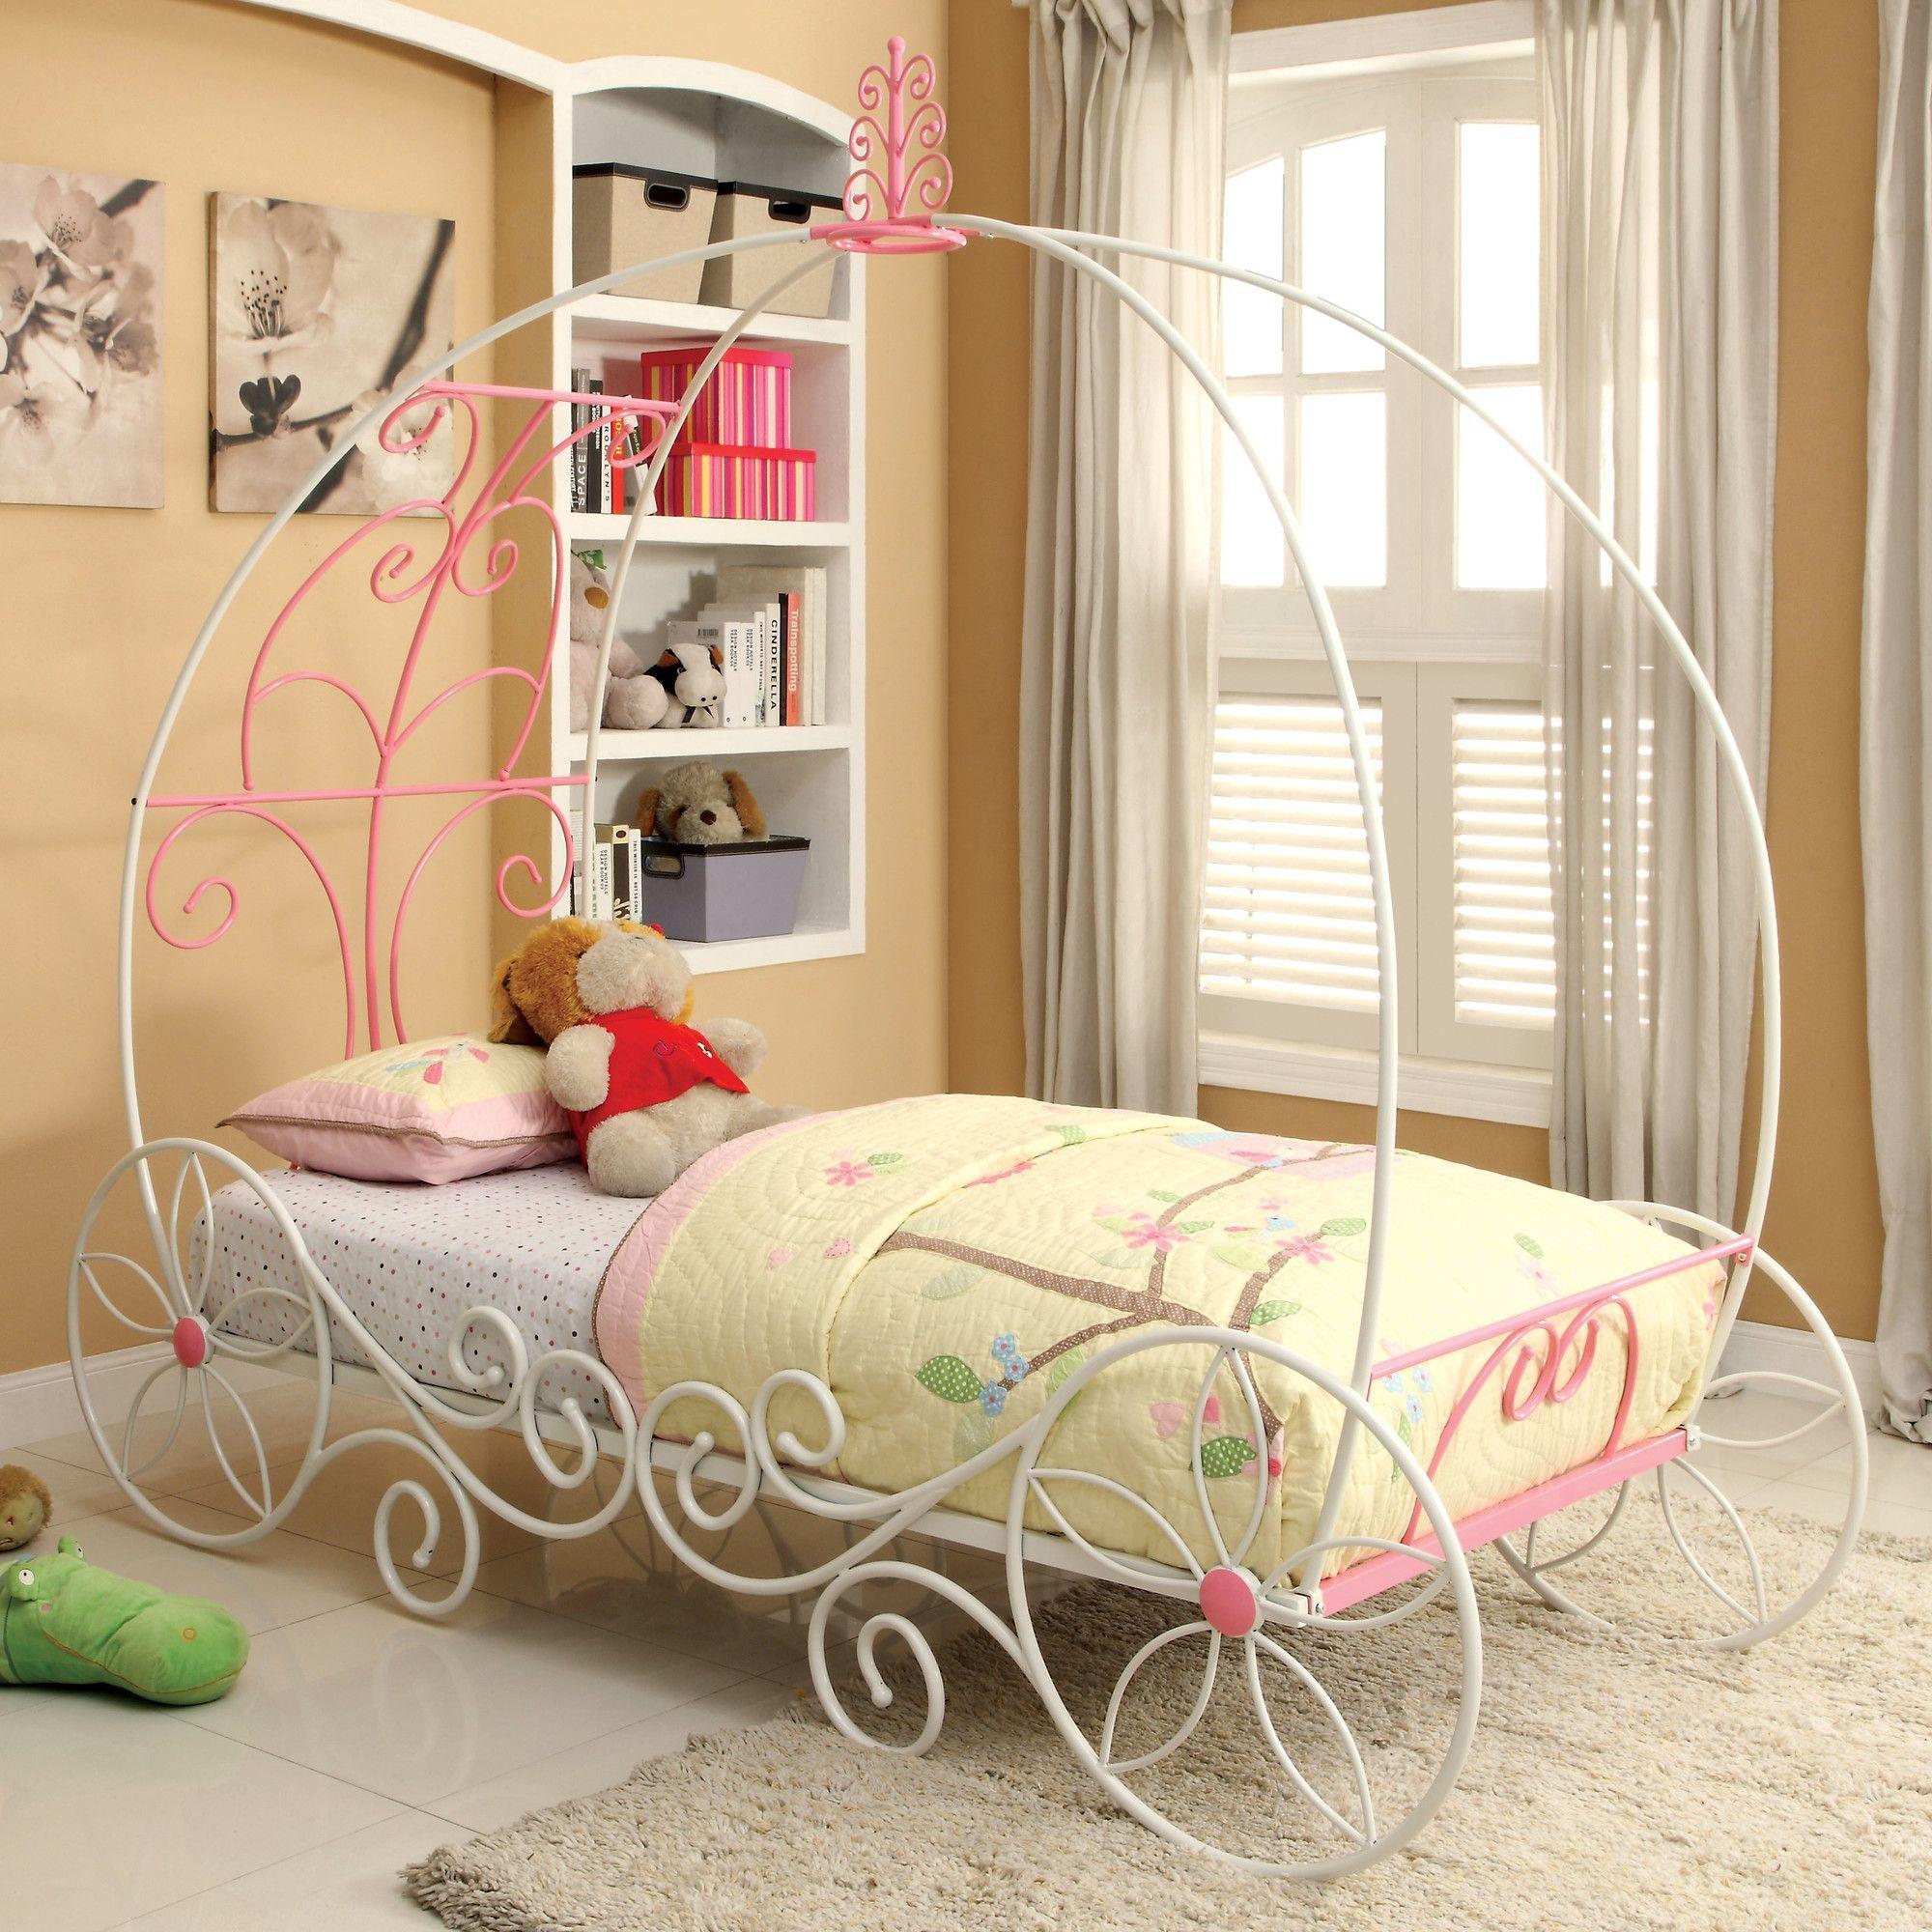 - Elisha Twin Canopy Bed Betten Für Kinder, Home Design Und